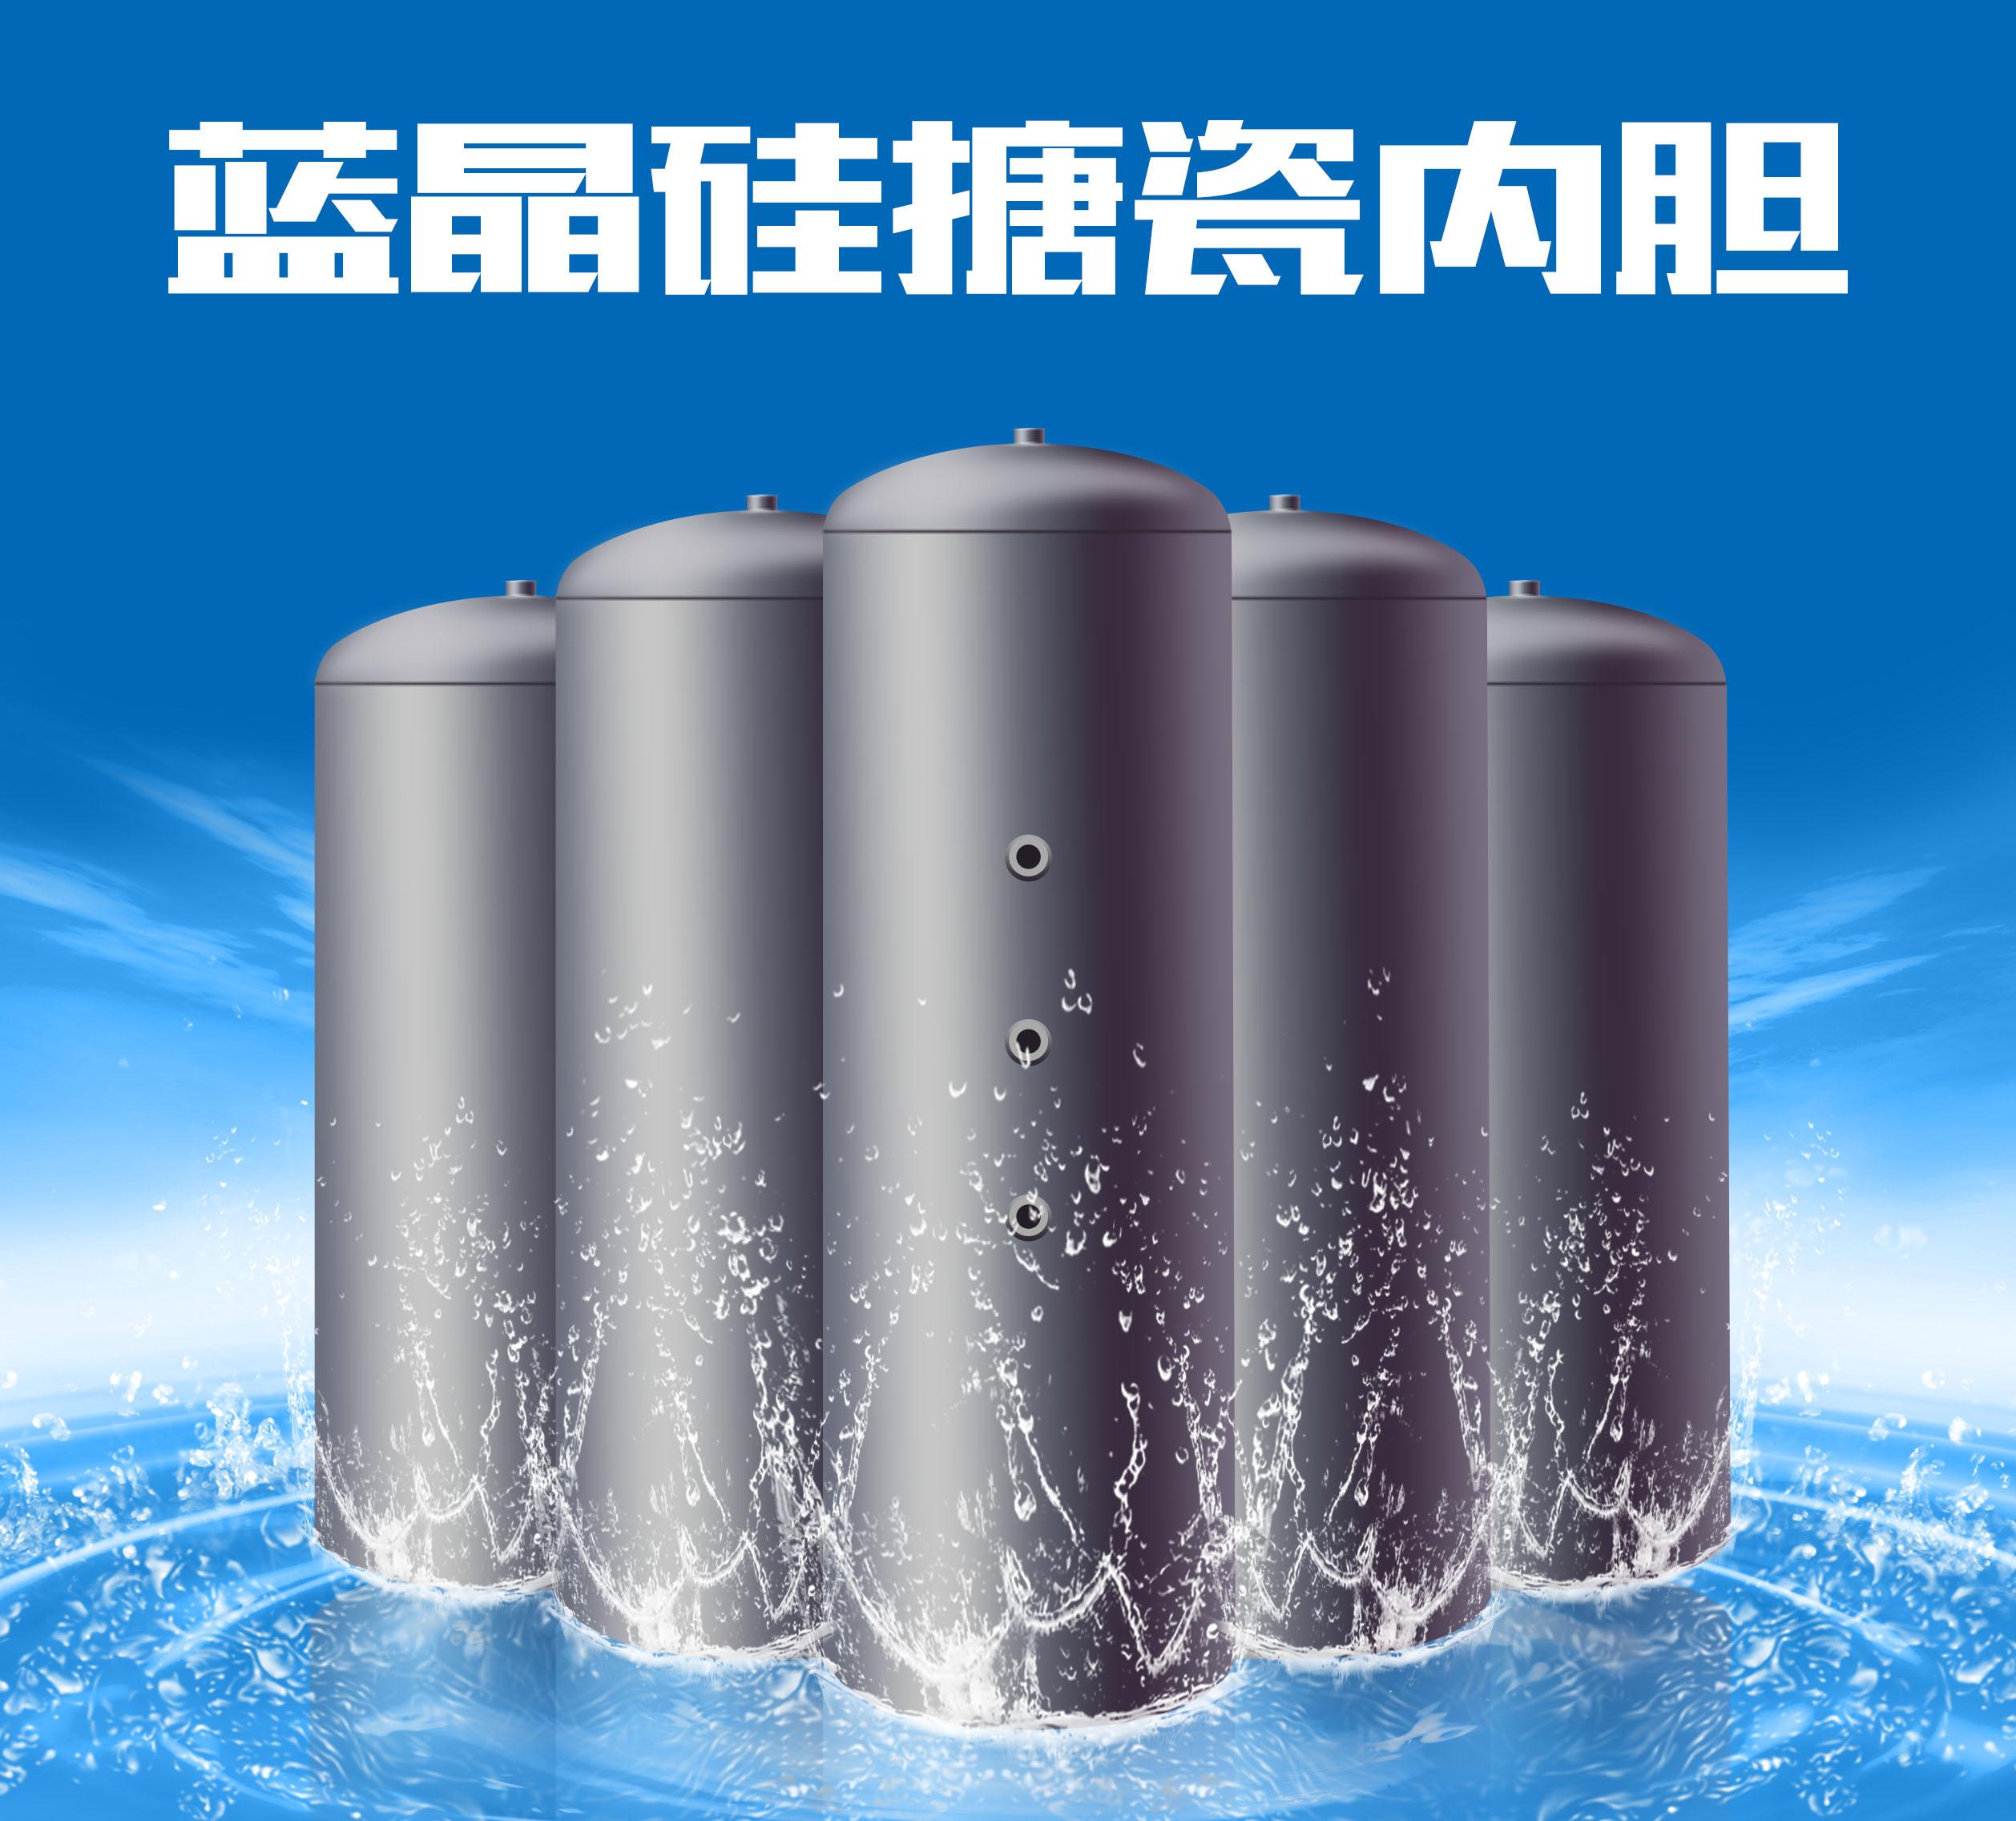 金地帕尔磁能热水器采用搪瓷内胆工艺